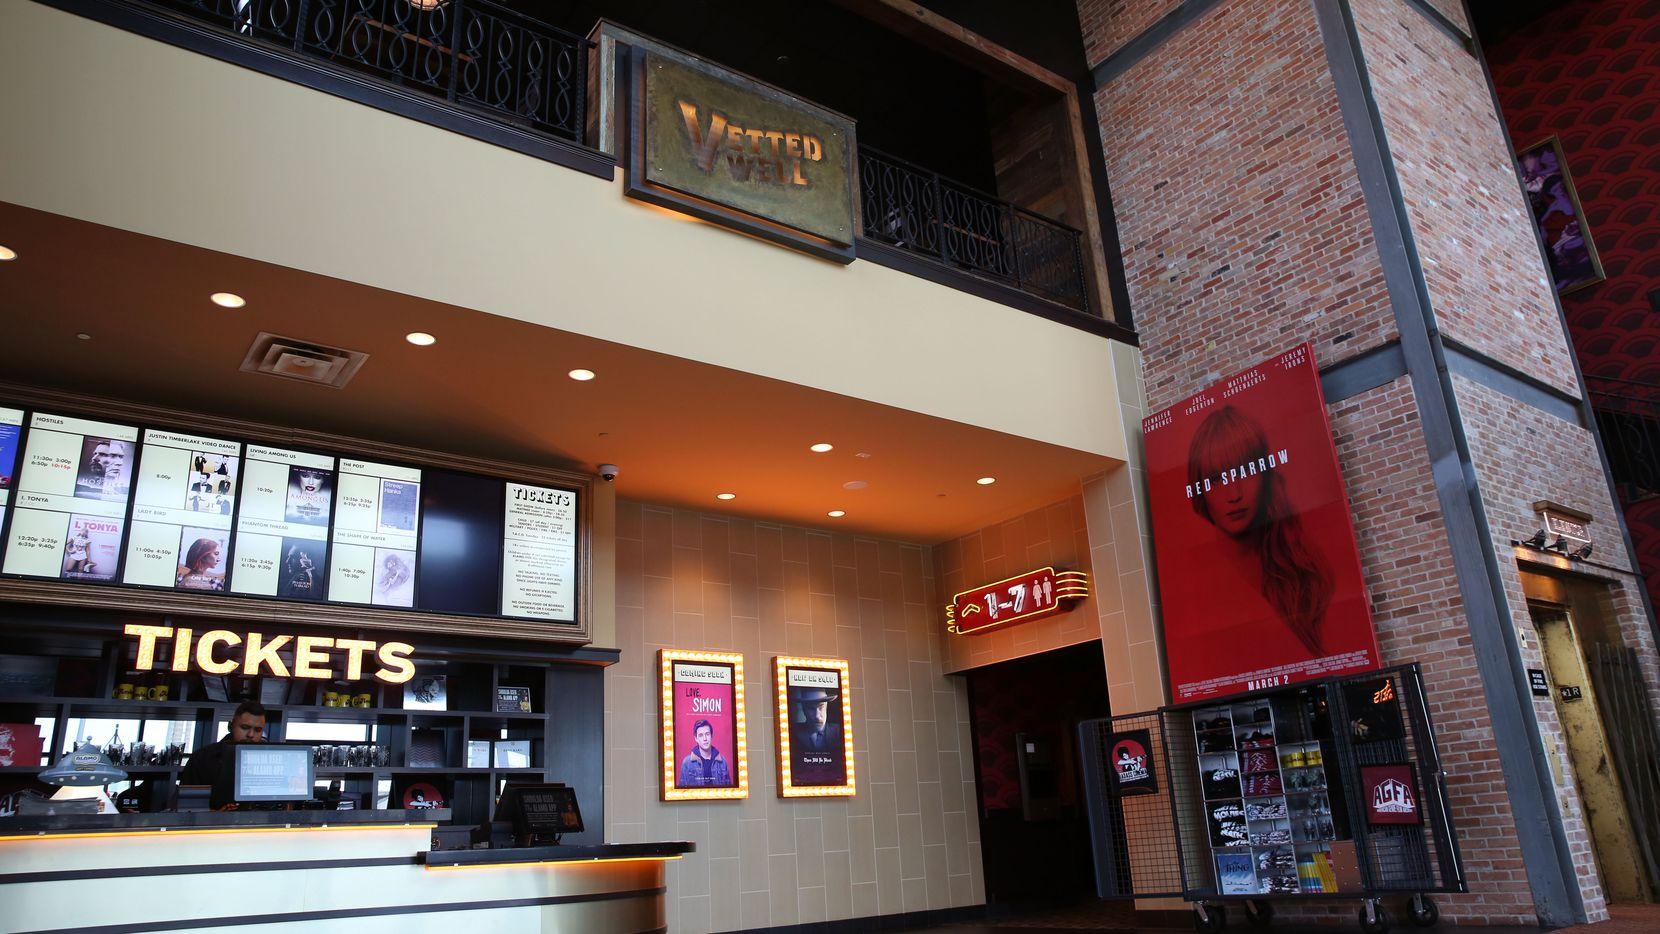 Los cines Alamo Drafthouse cerraron sus puertas otra vez, se espera que sea una medida temporal.